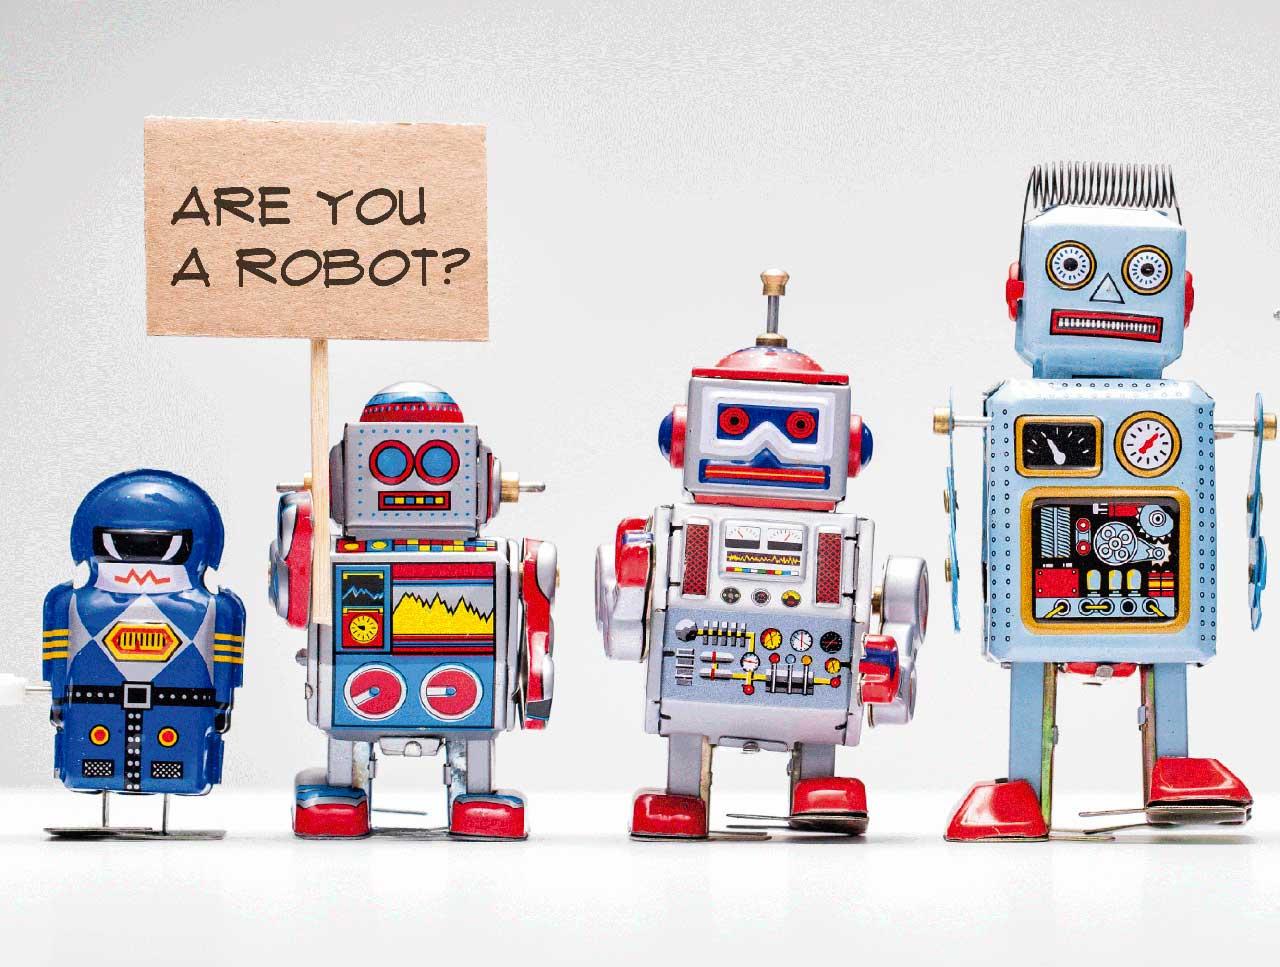 reCAPTCHA - I Am not a Robot